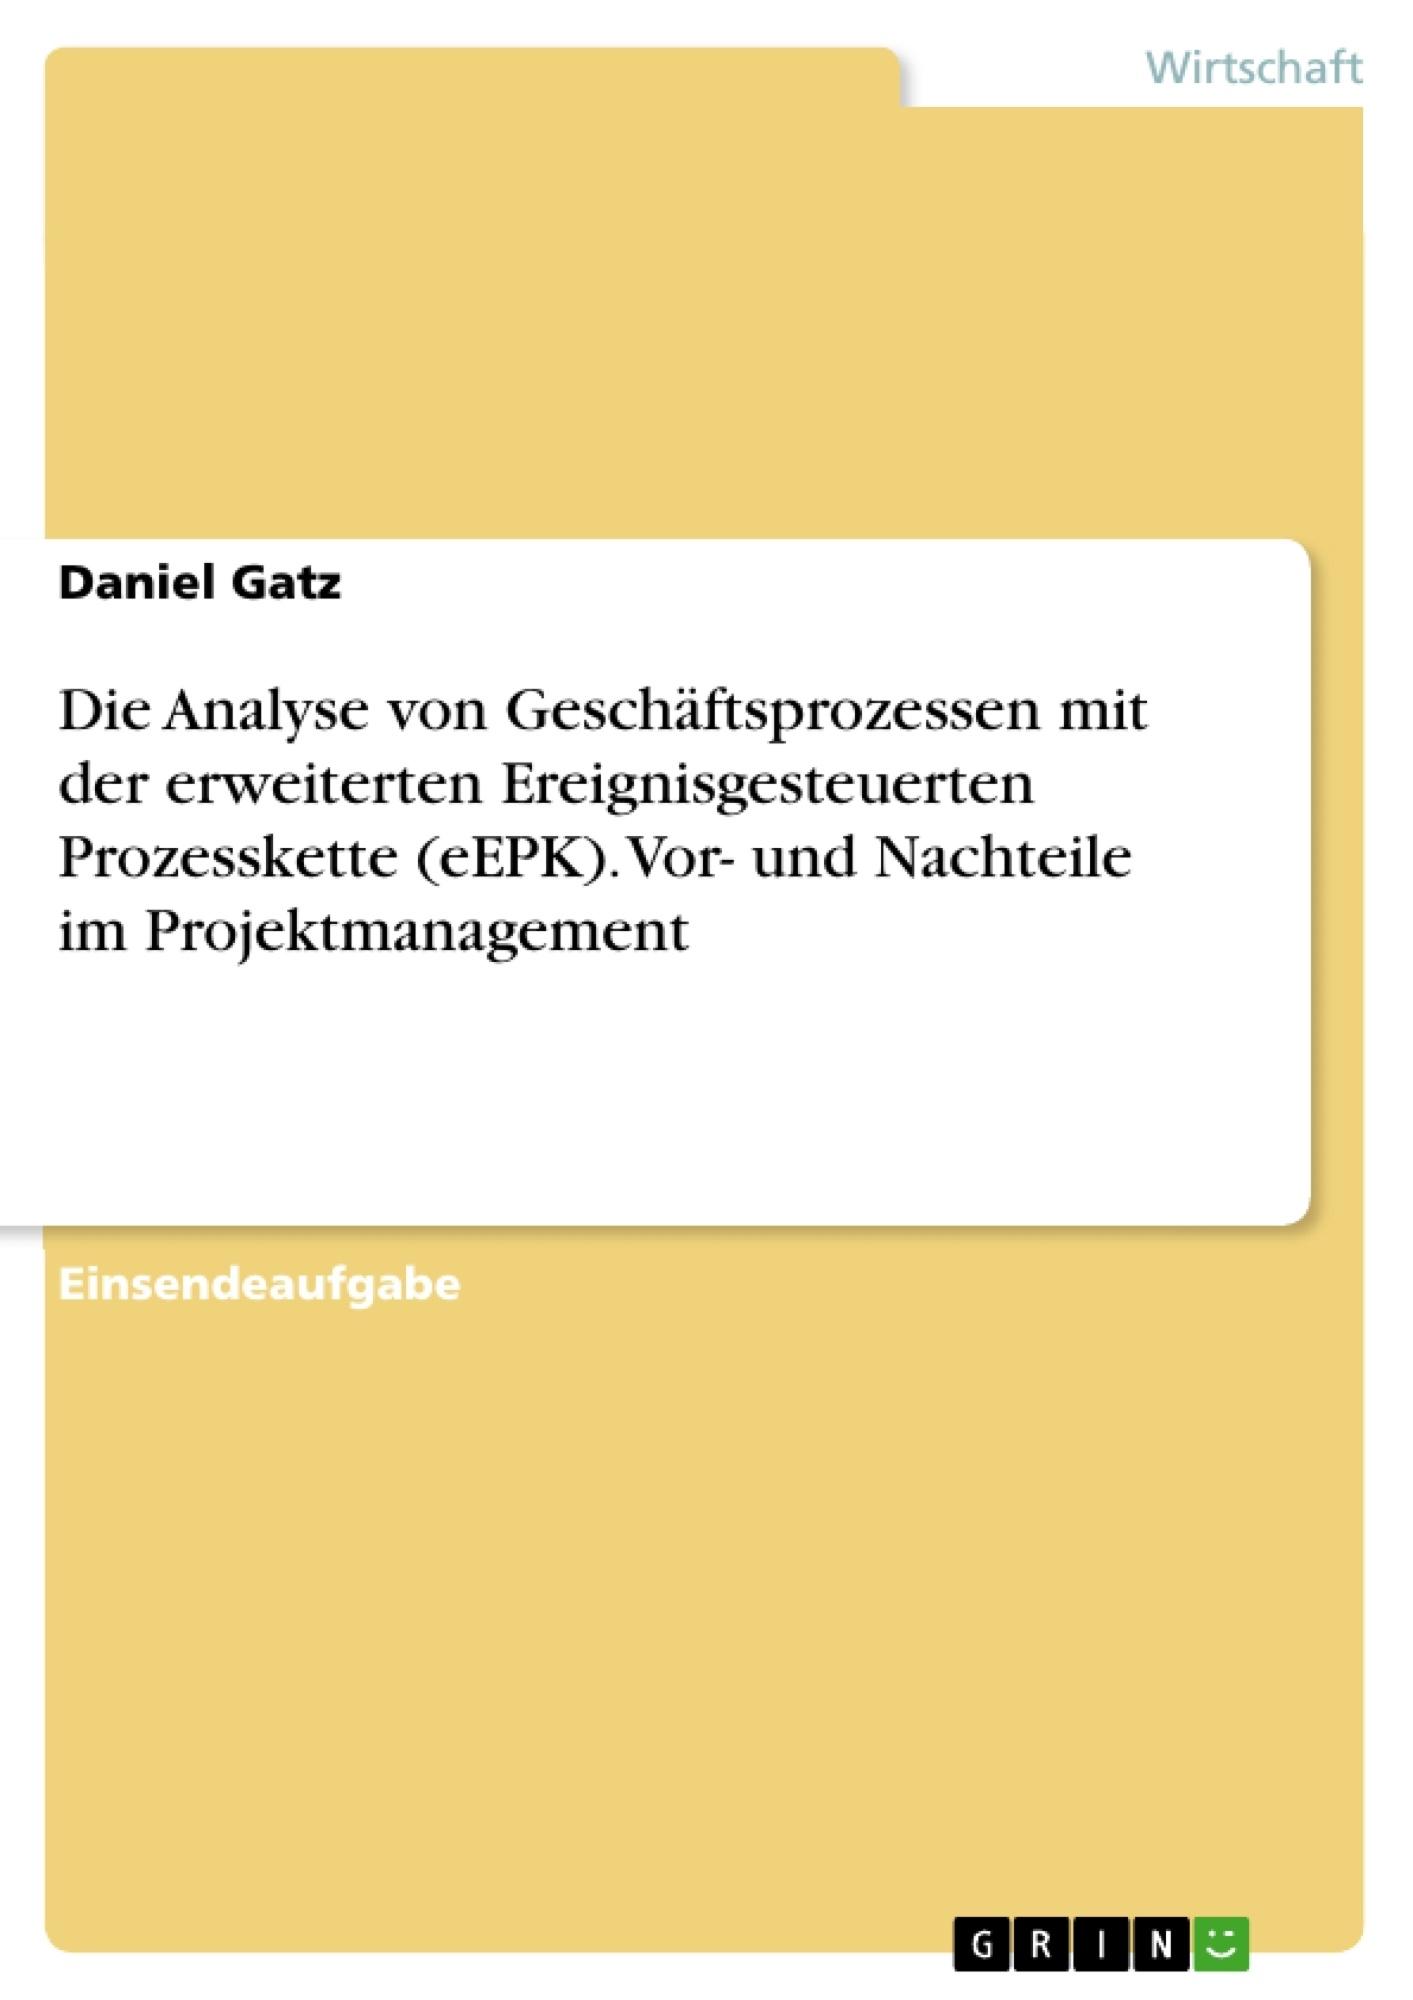 Titel: Die Analyse von Geschäftsprozessen mit der erweiterten Ereignisgesteuerten Prozesskette (eEPK). Vor- und Nachteile im Projektmanagement